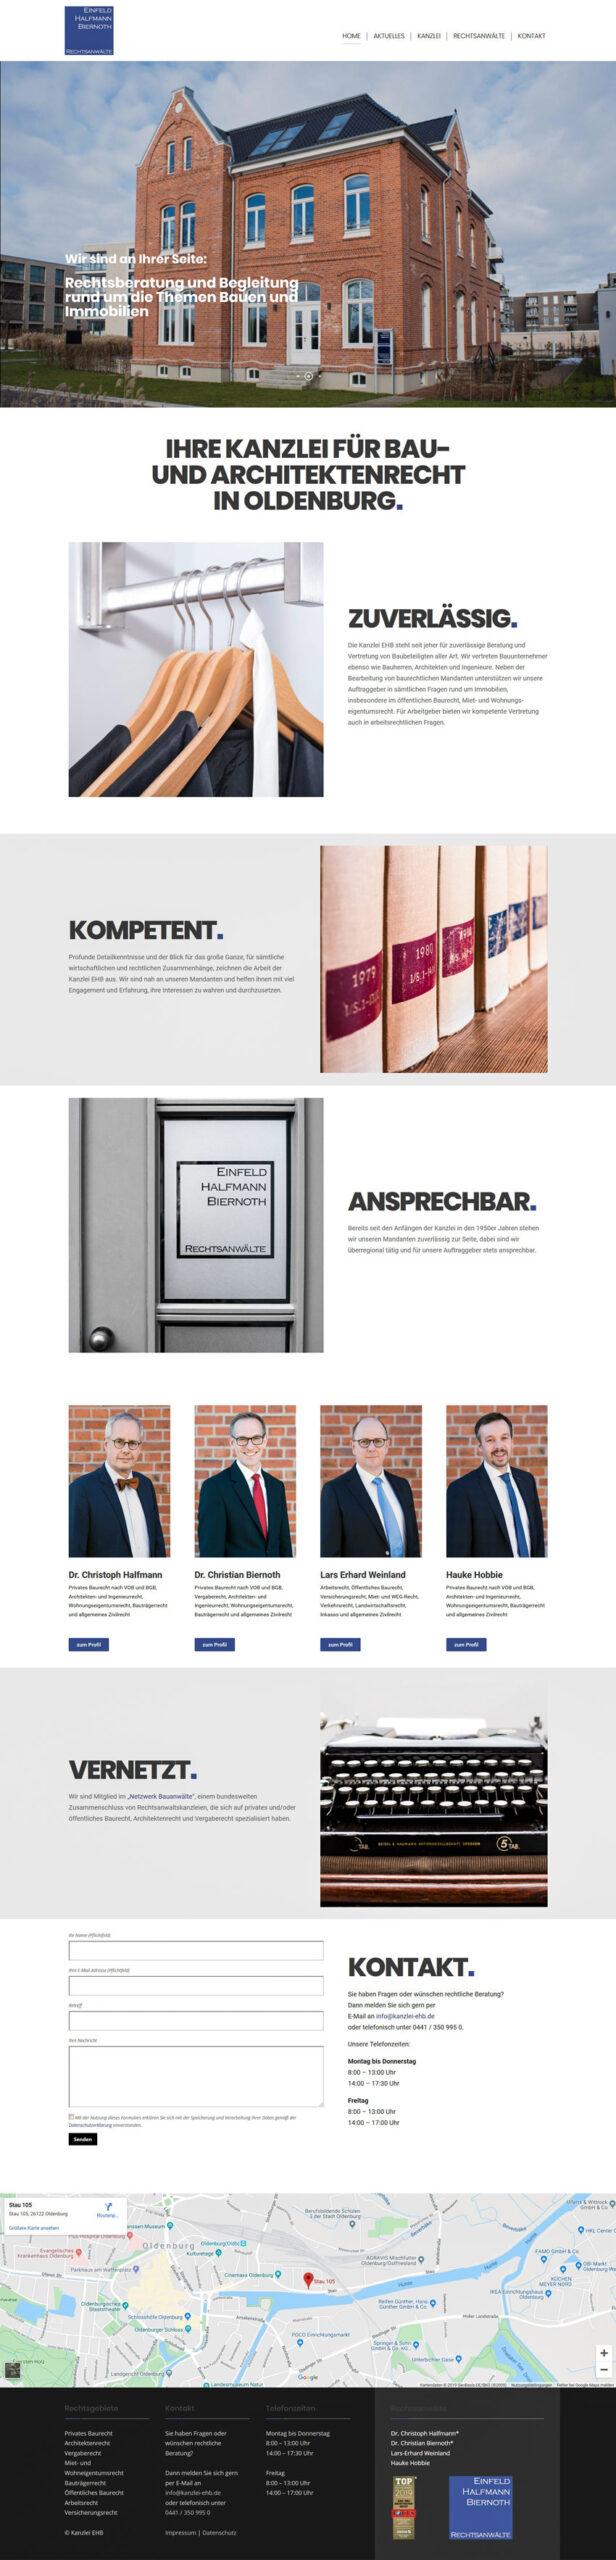 Webdesign-Kanzlei-Einfeld-Halfmann-Biernoth-Rechtsanwaelte-Oldenburg